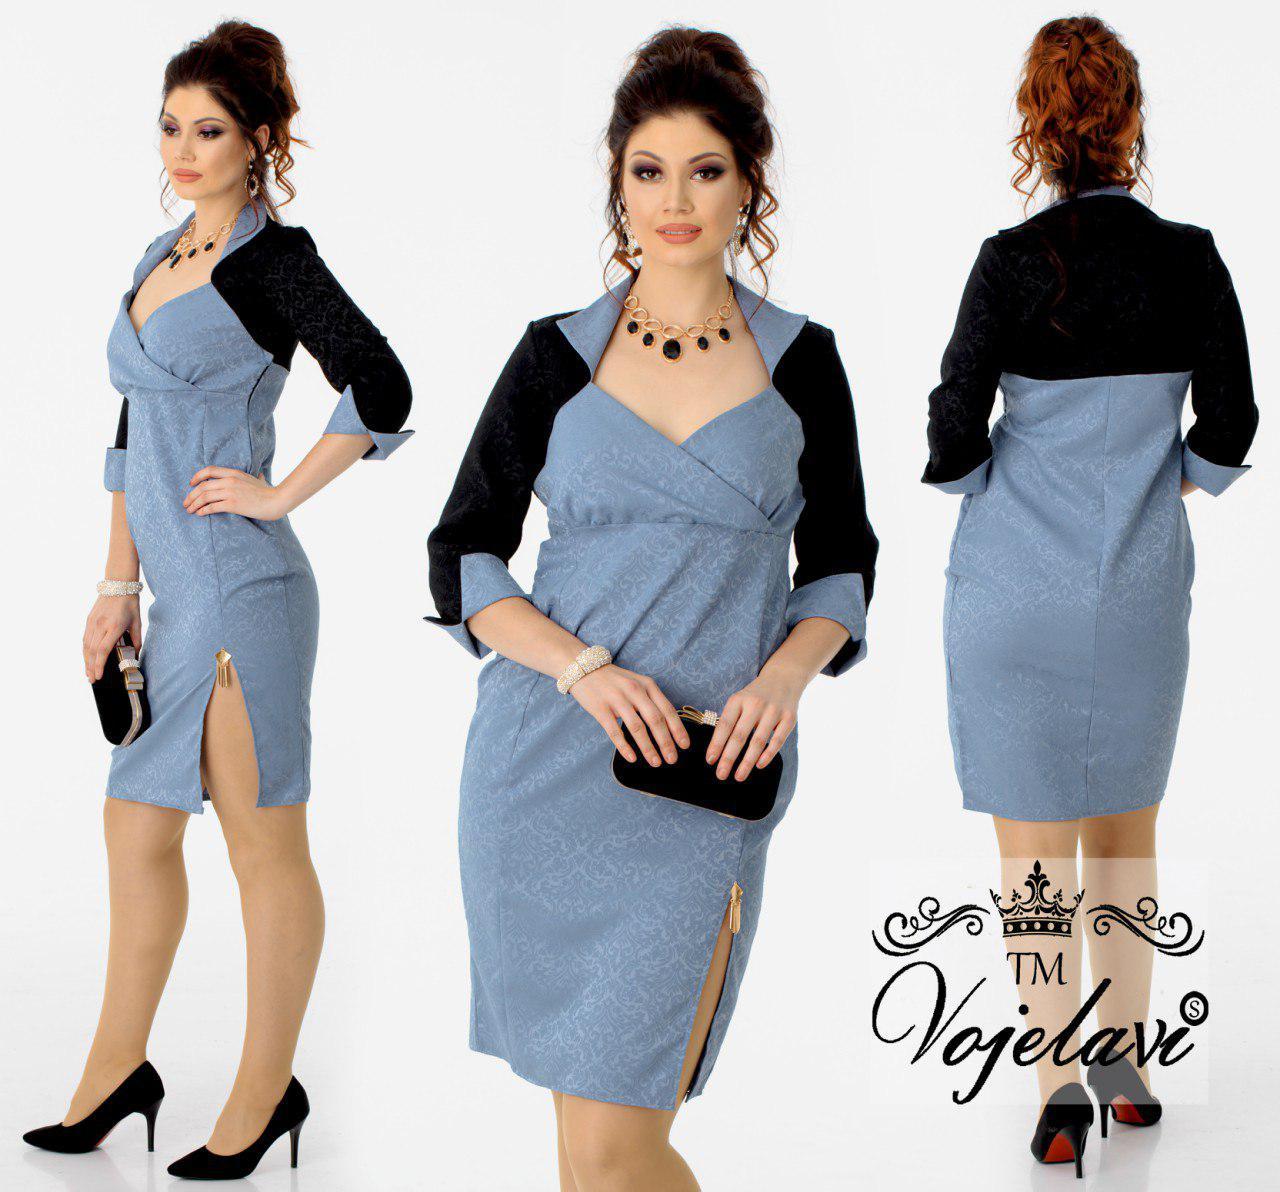 Элегантное хенское платье с разрезом A1081 оптом и в розницу, платья ... 8da9d195d16